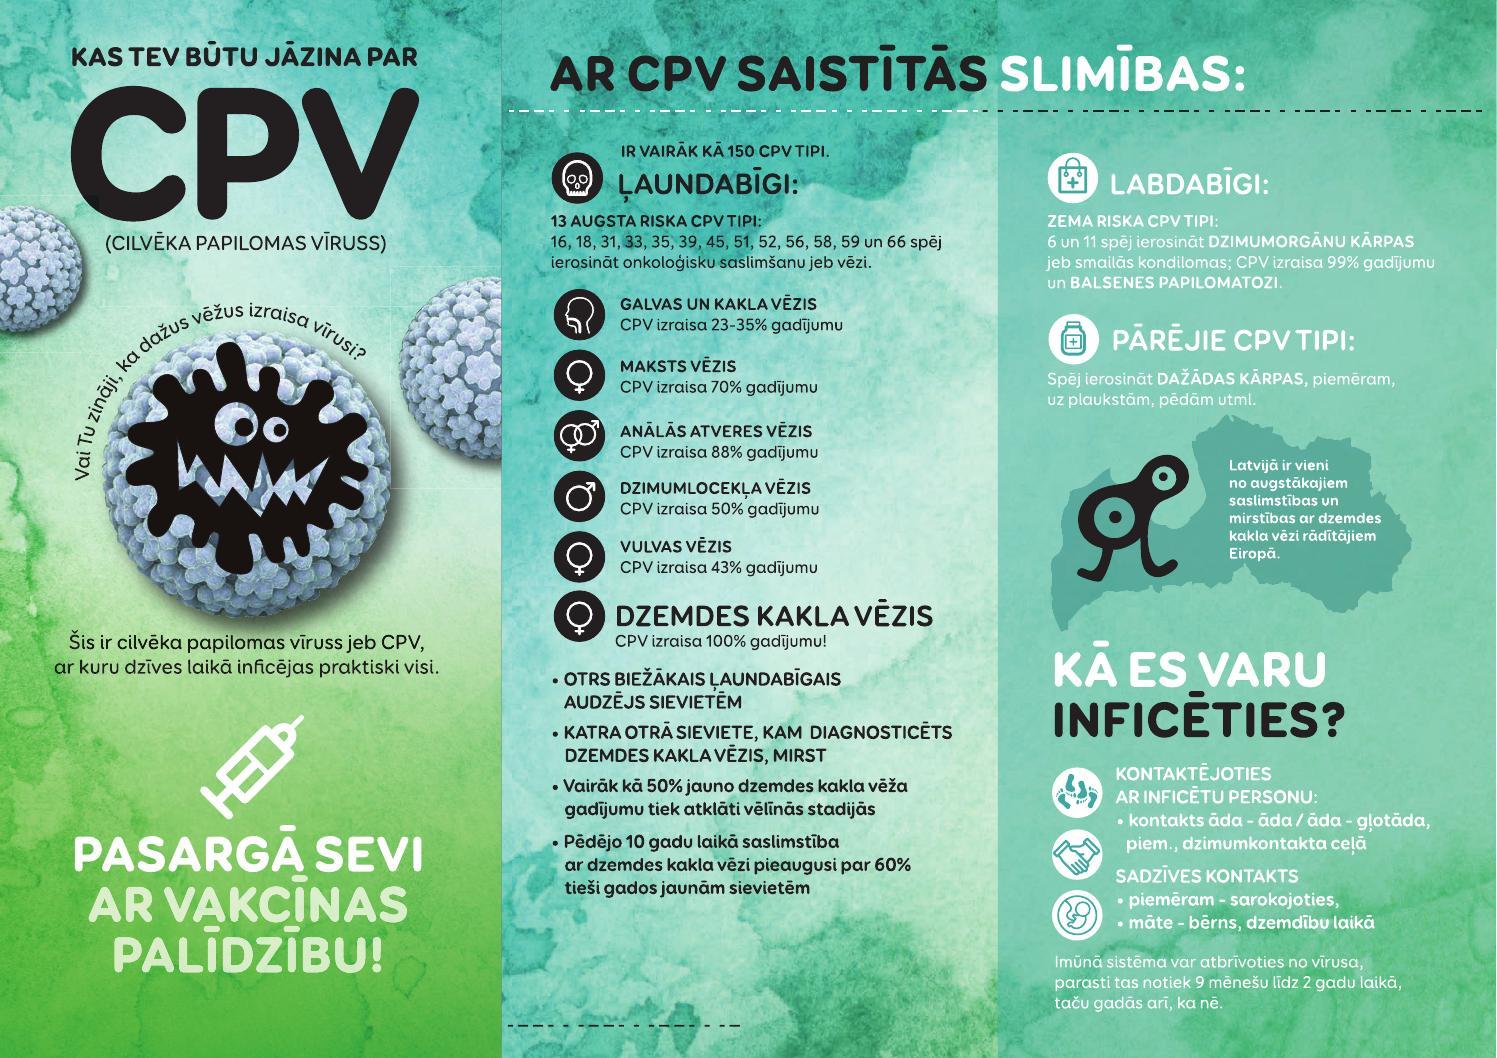 papilomas viruss